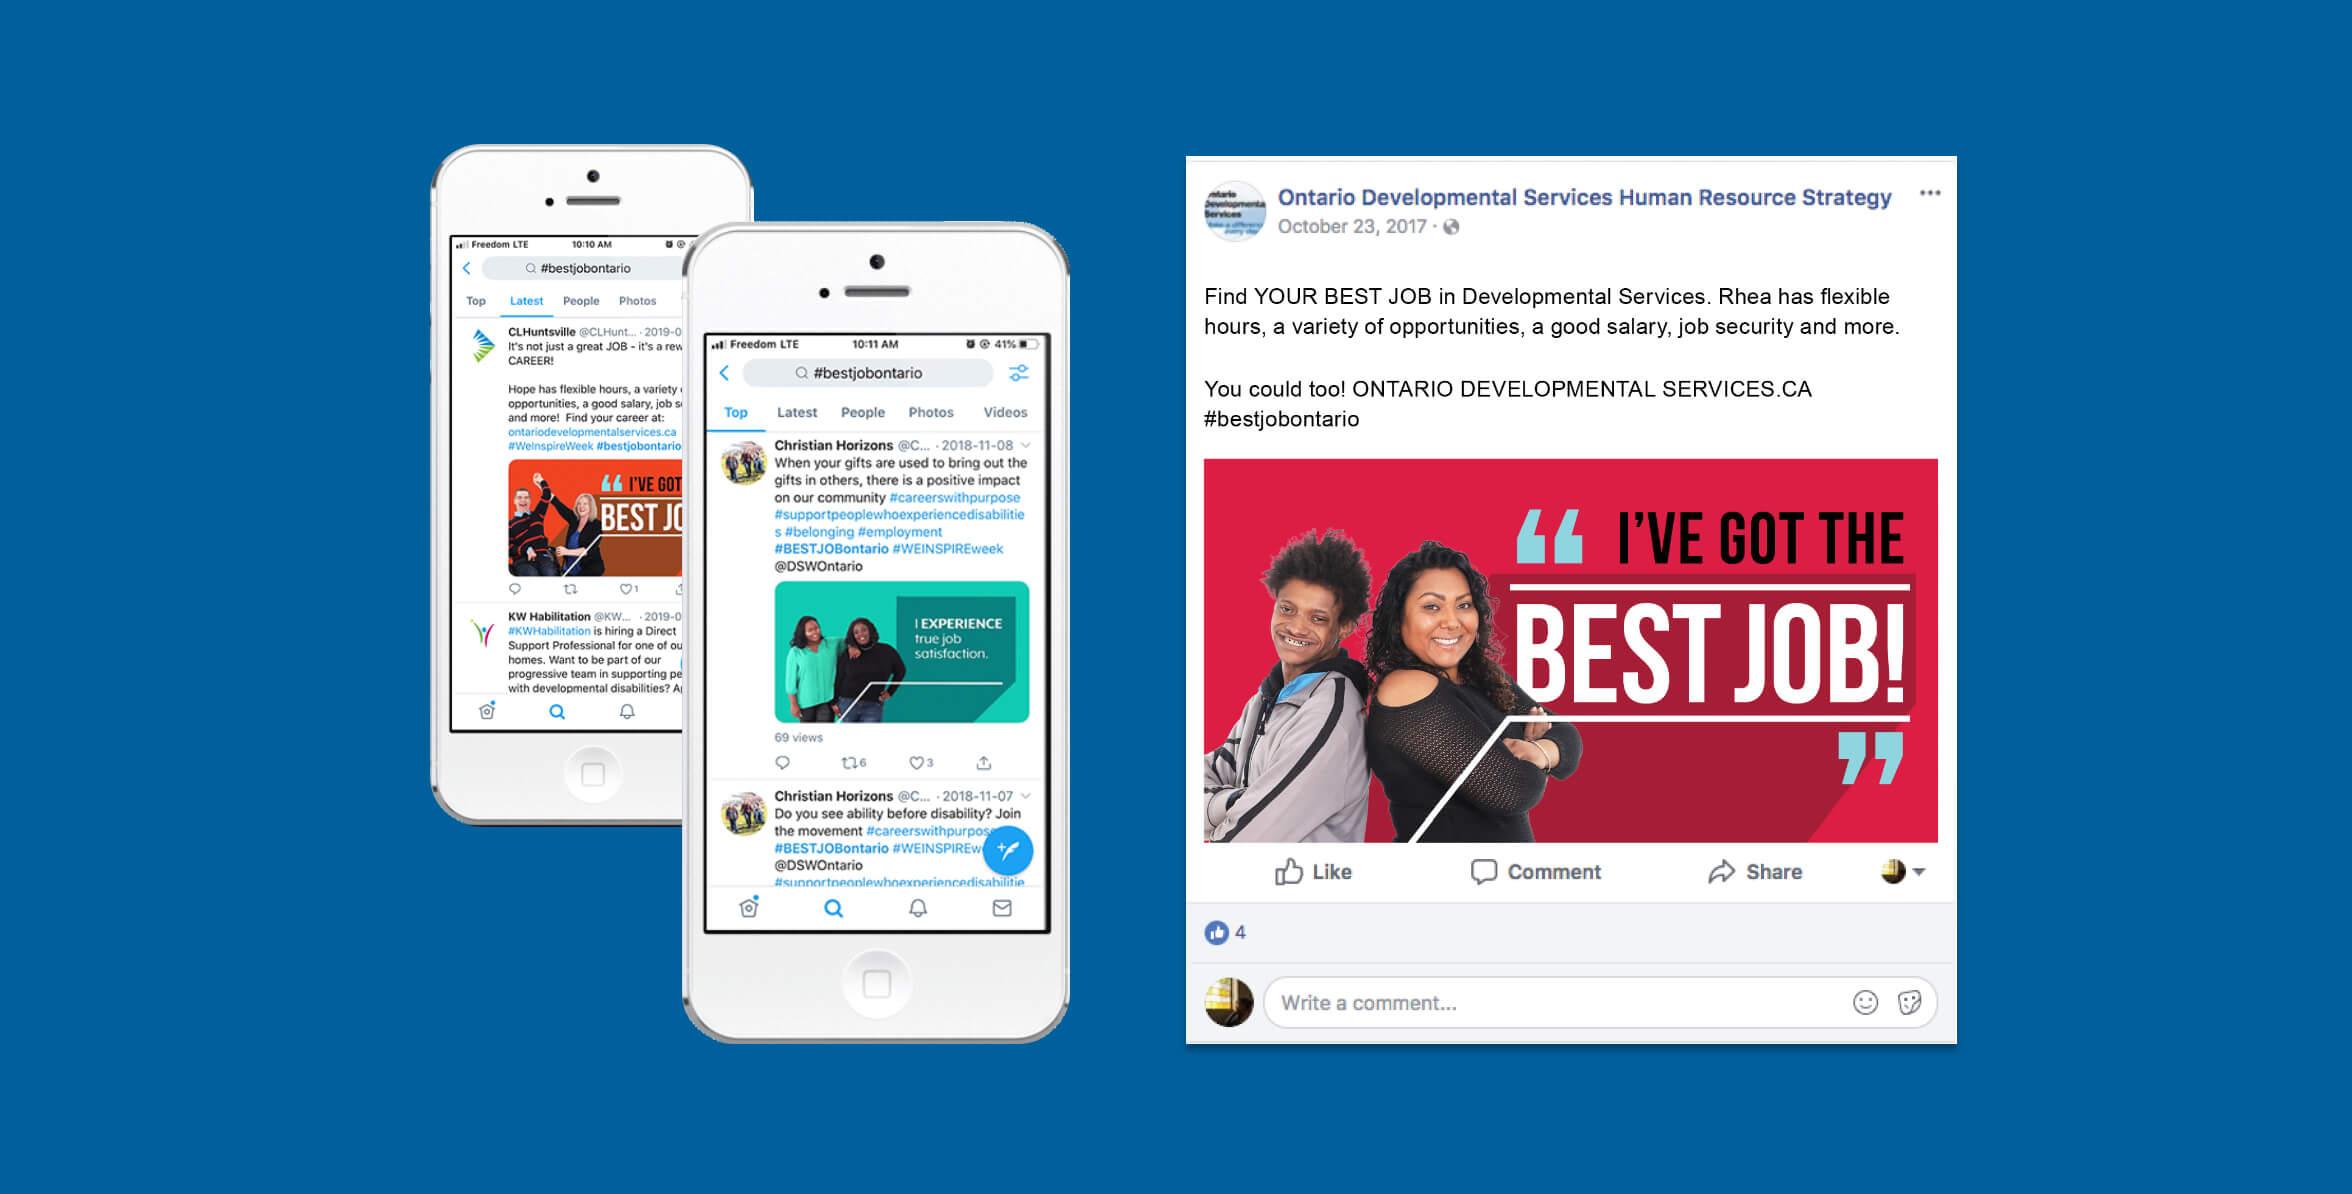 DSHRS social media shares for the #bestjobontario campaign